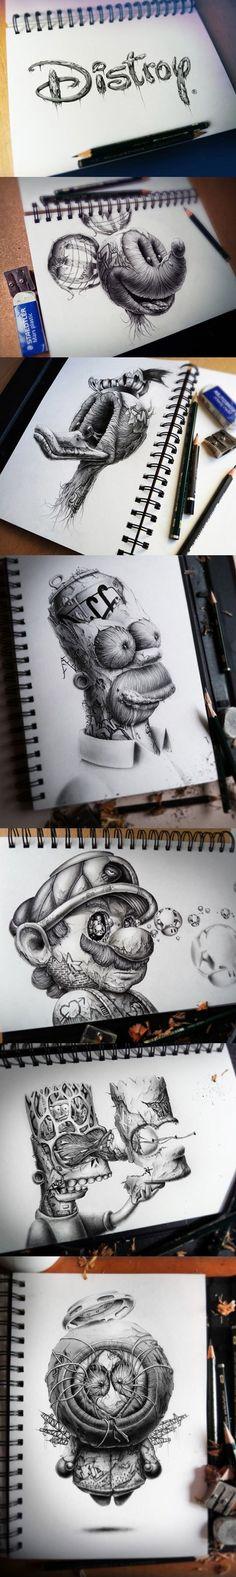 J'aime bien le style de dessin: